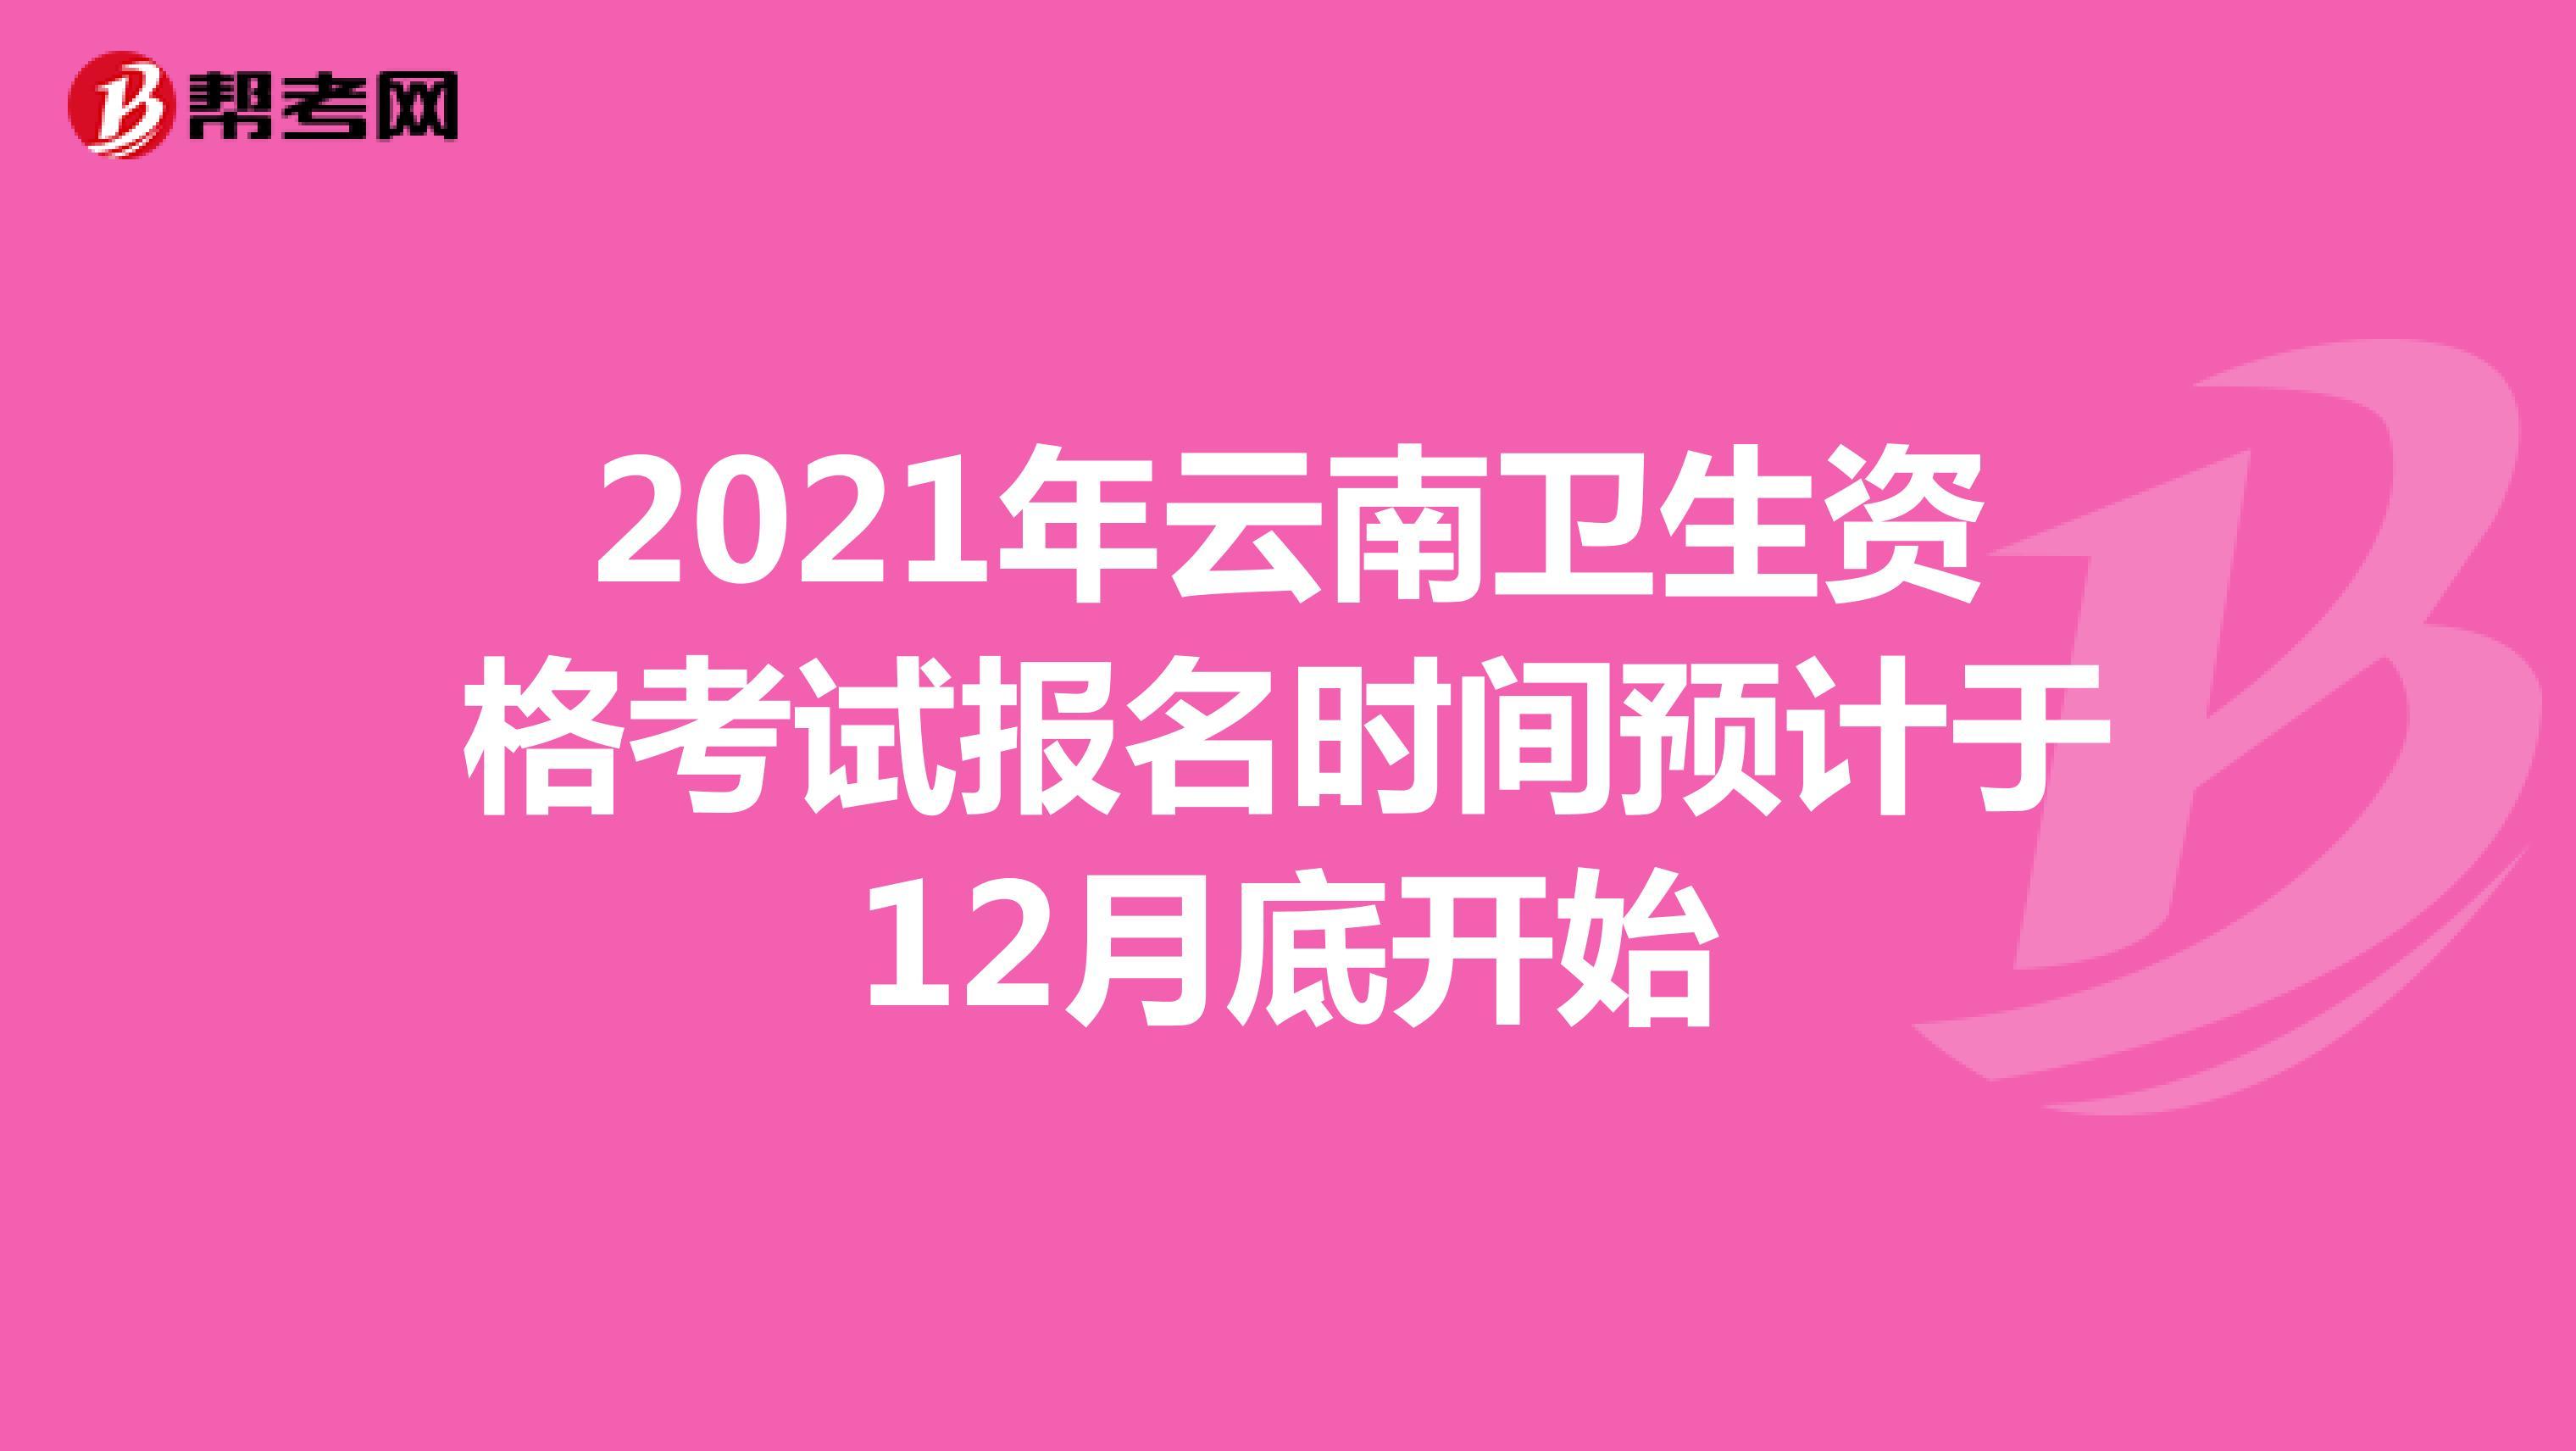 2021年云南卫生资格考试报名时间预计于12月底开始